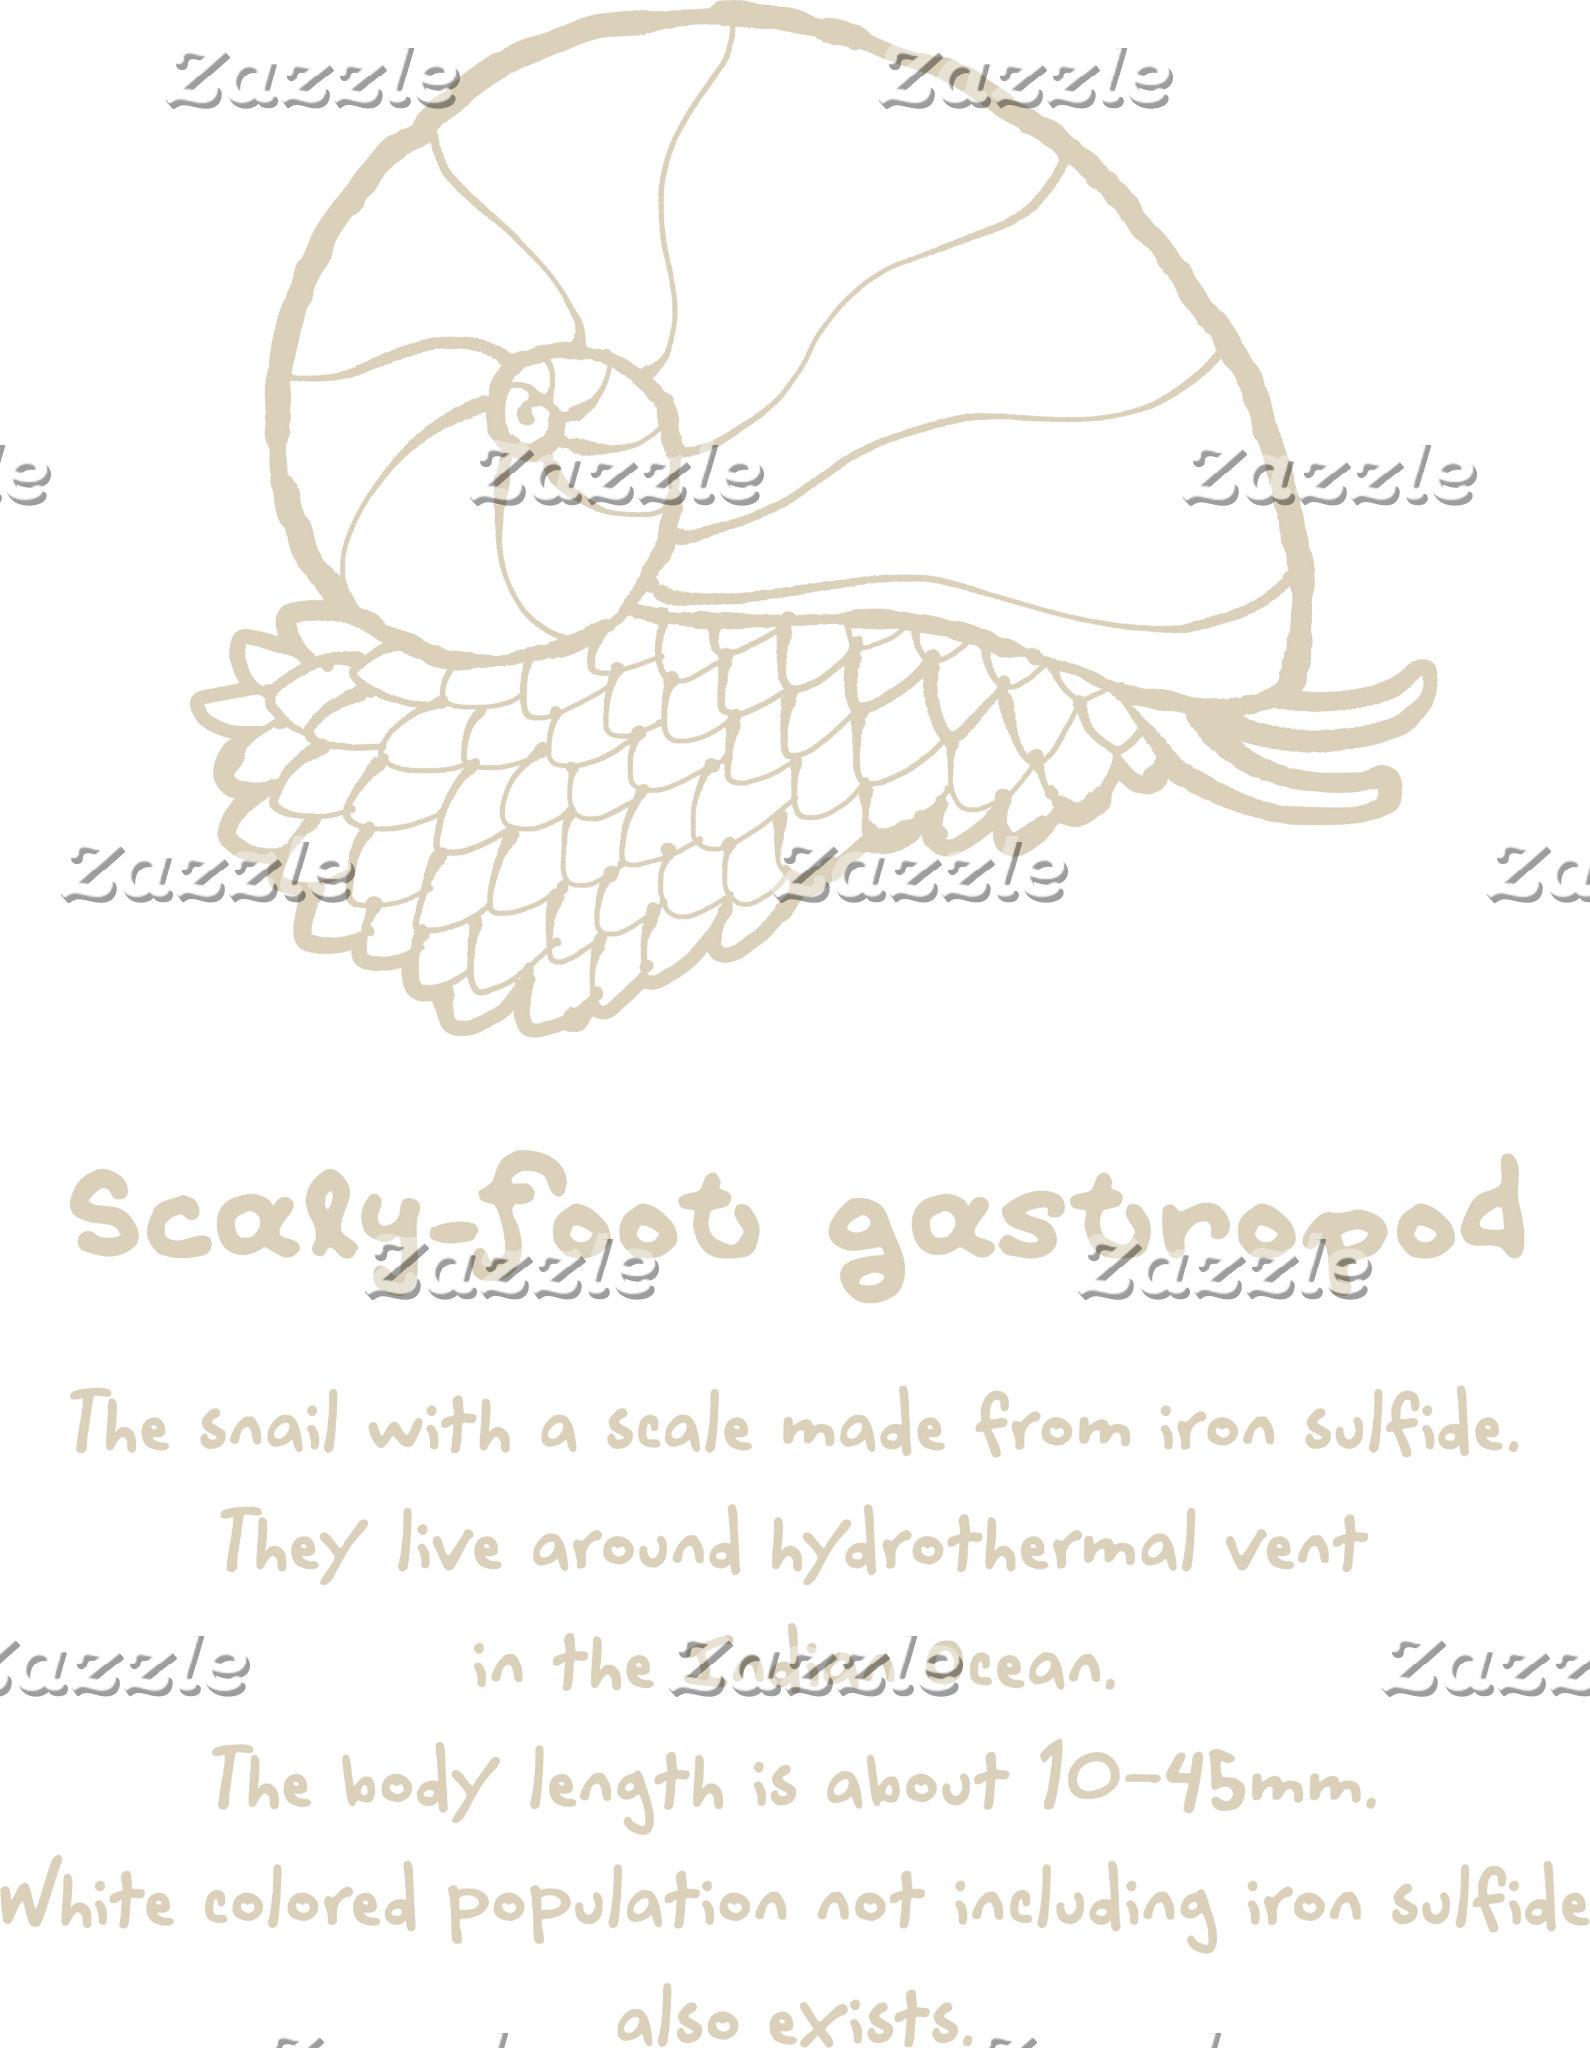 【スケーリーフット(ベージュ)】 Scaly-foot gastropod (Beige)